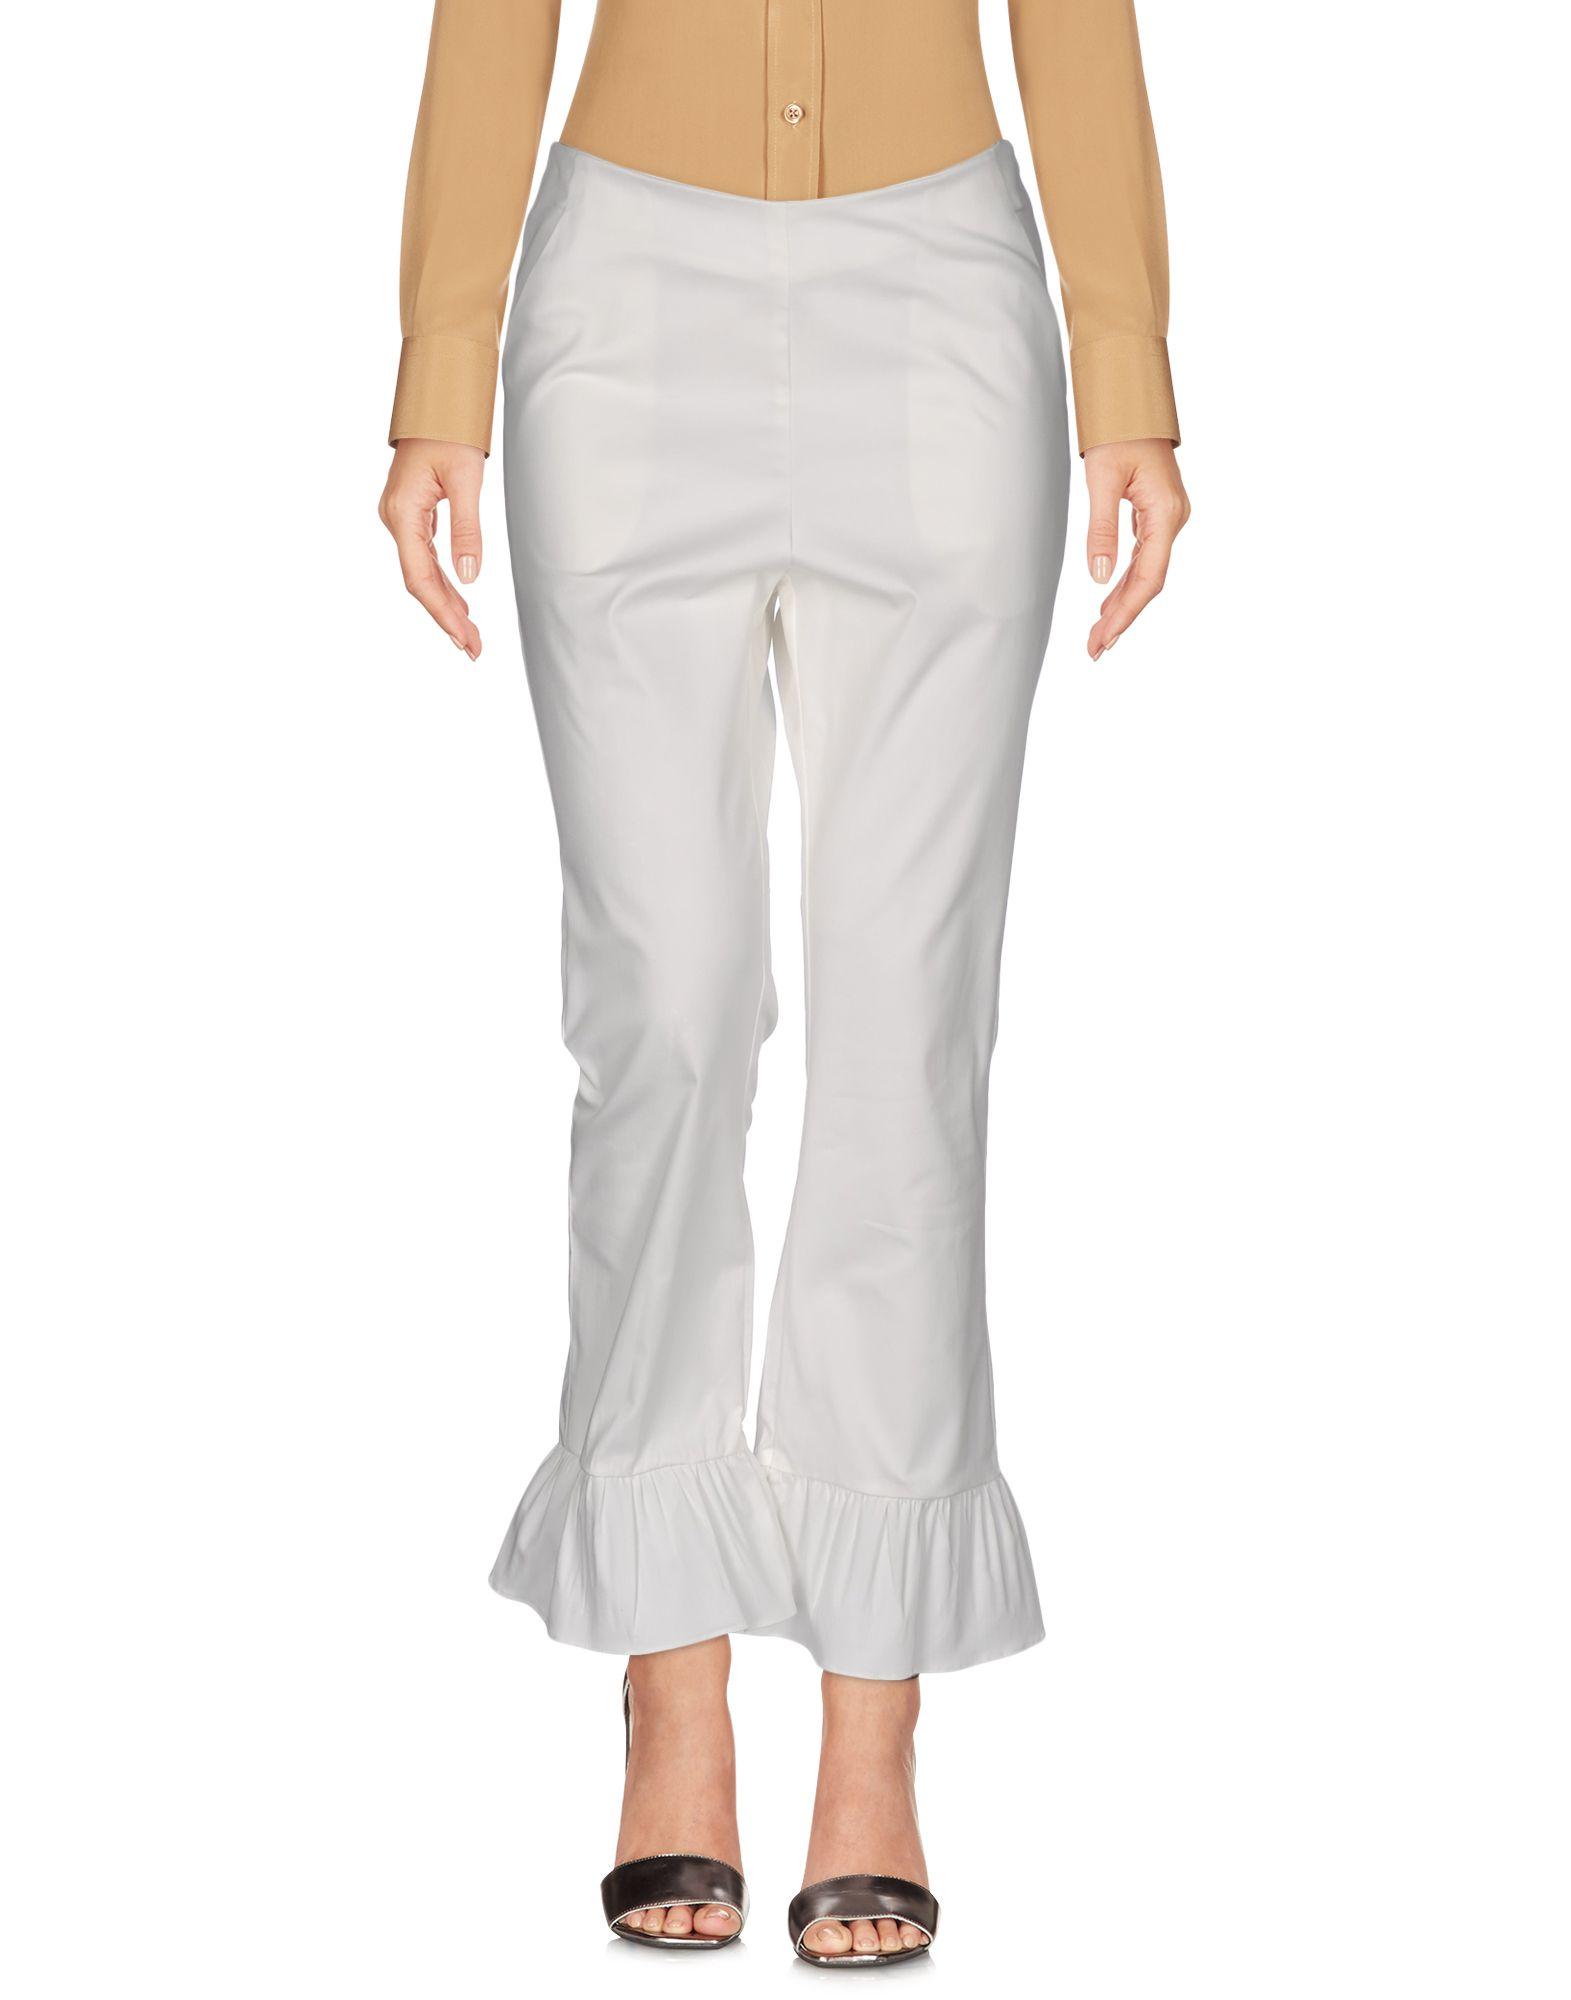 HIDDEN FOREST MARKET Повседневные брюки молния для одежды yw market 80 ab 80cm